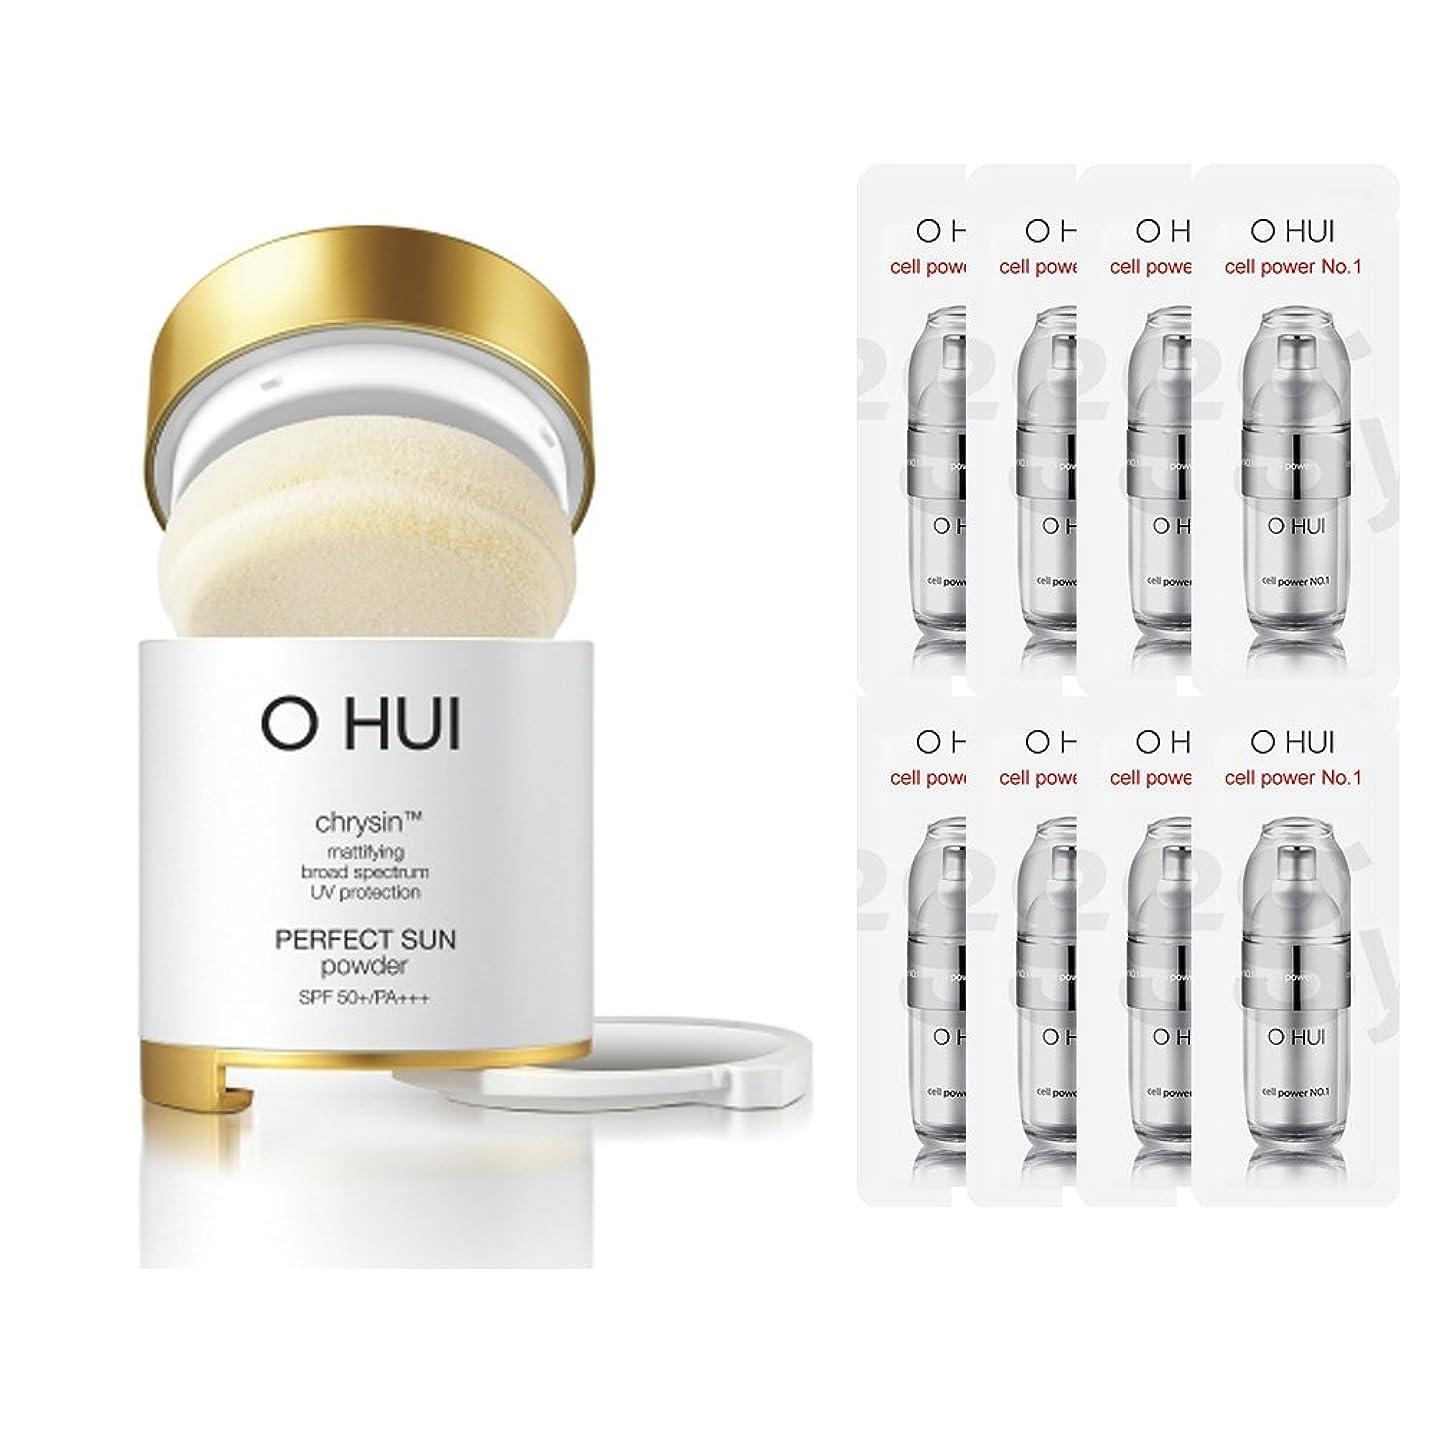 派手川画面OHUI/オフィ2015年 パーフェクトサンパウダー (OHUI Version Perfect Sun Powder SPF50++PA+++ Special Gift set) スポット [海外直送品] (2号ベージュ)